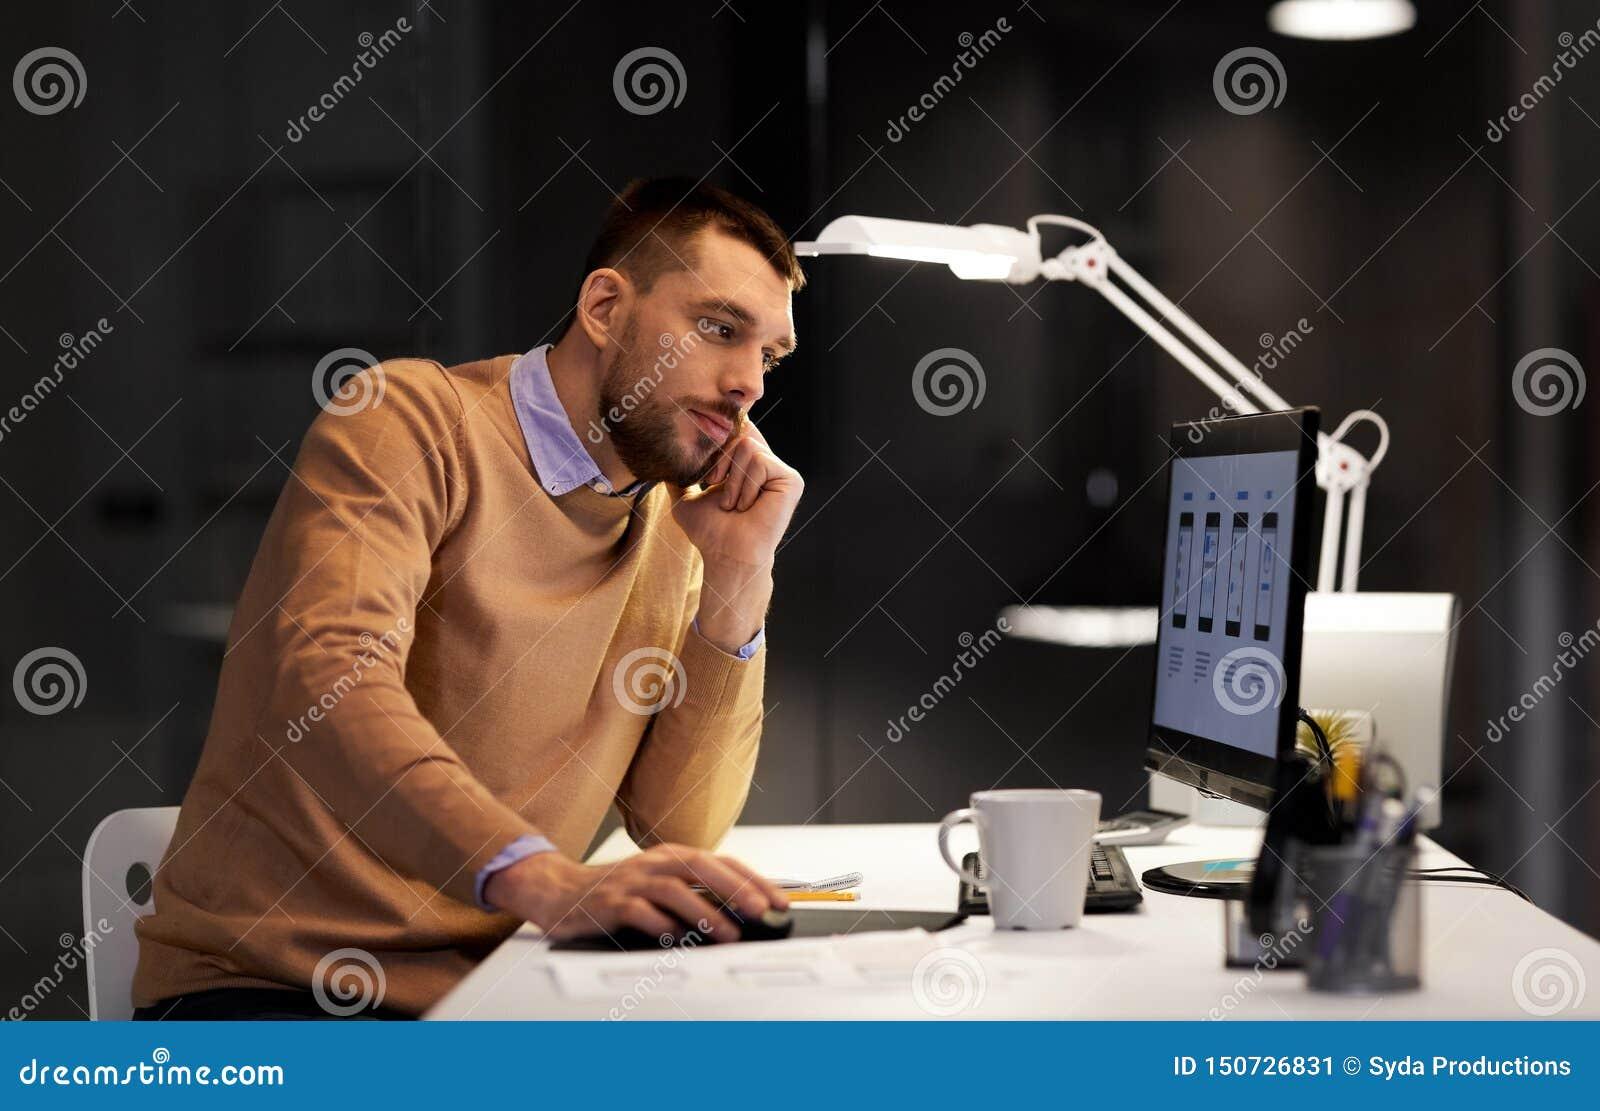 Netzdesigner mit Computerfunktion im Nachtbüro